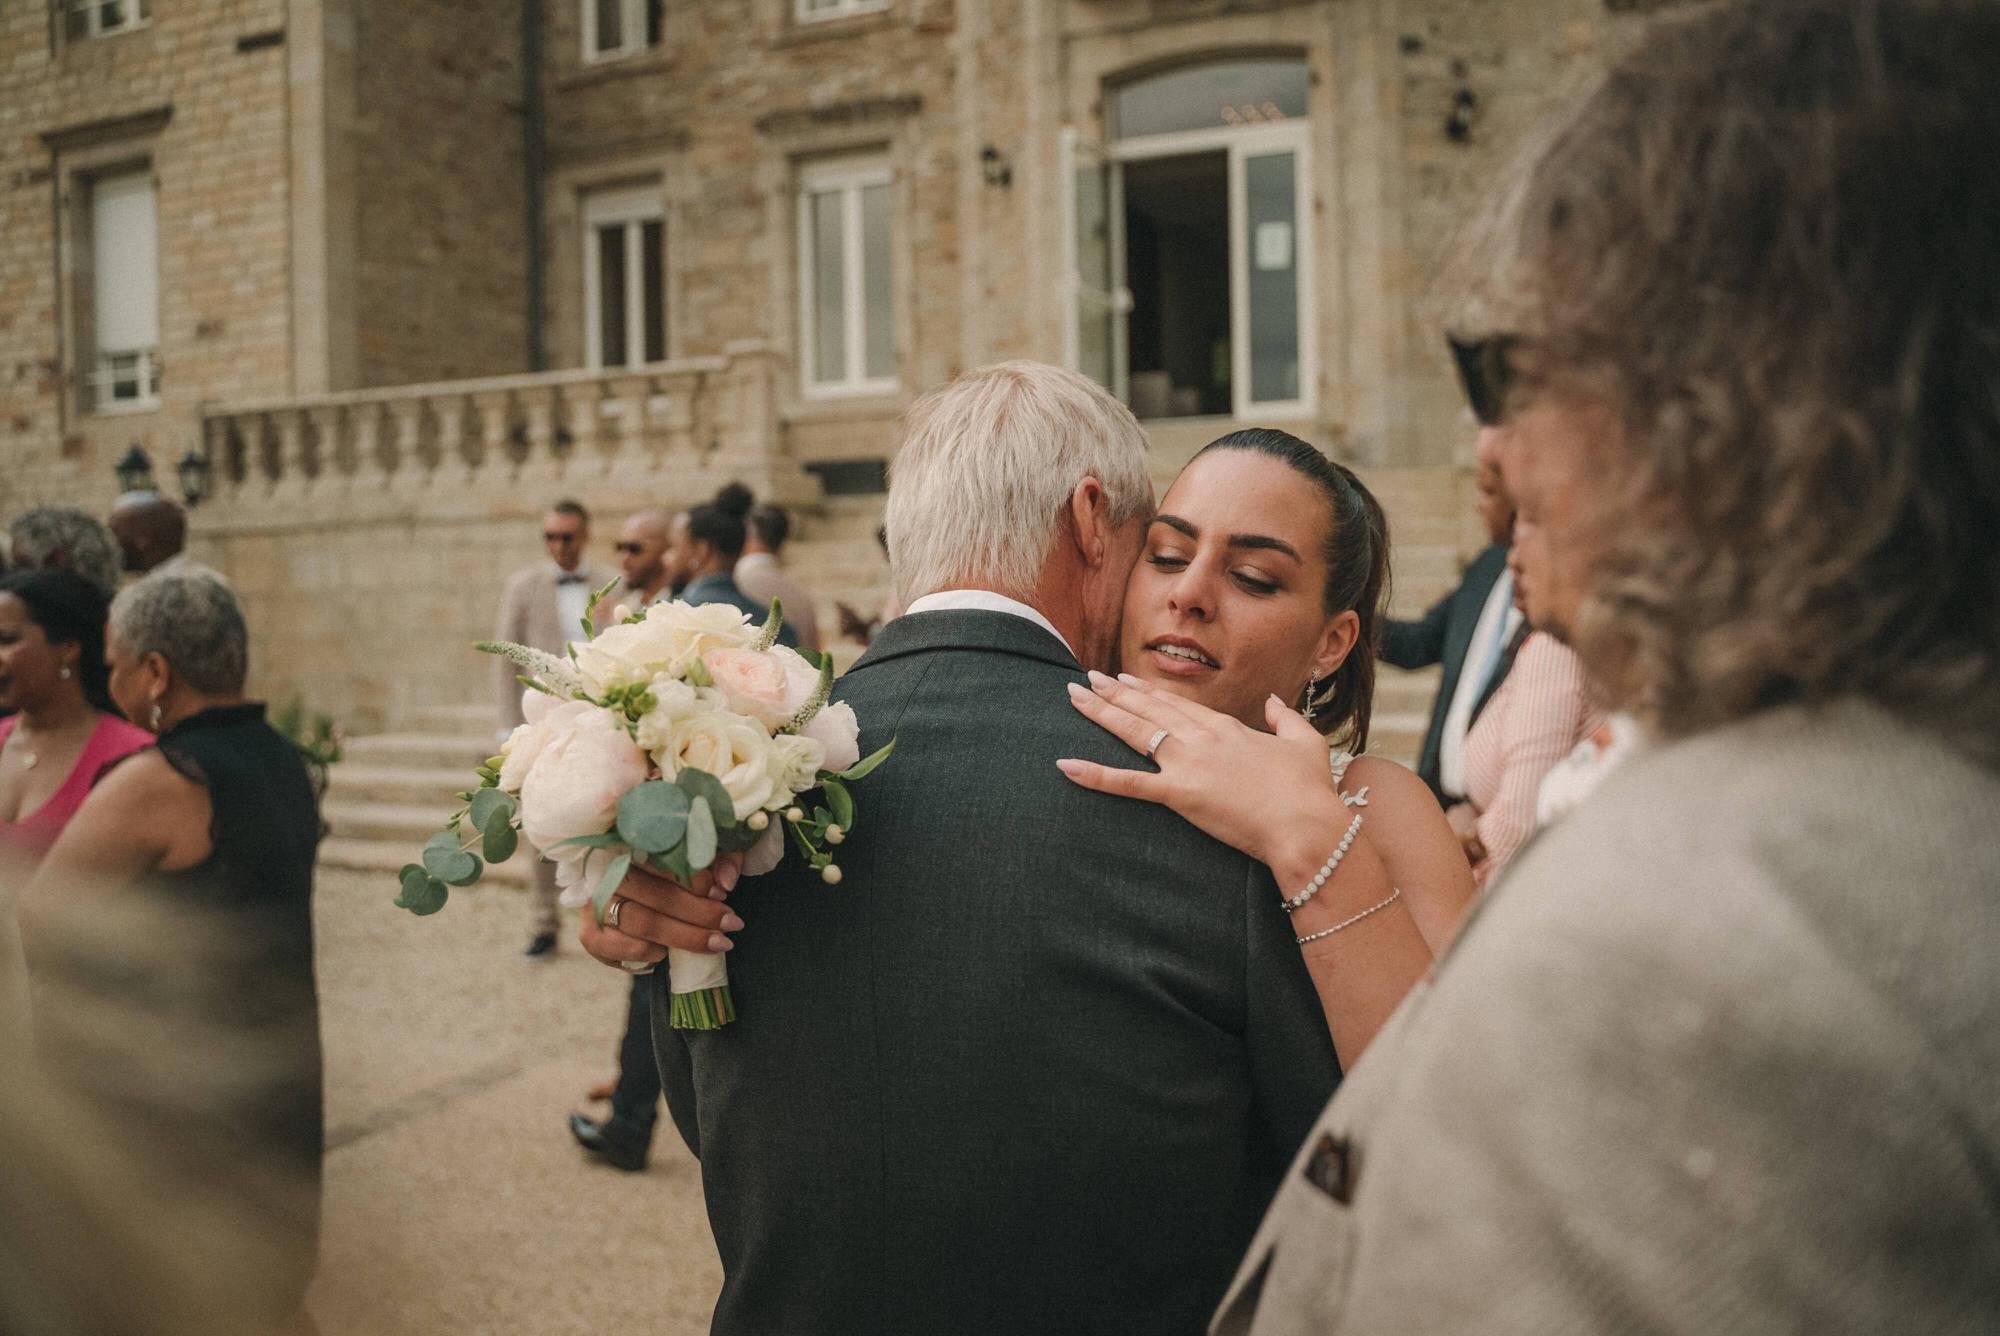 Photo De Mariage Au Manoir De Kerhuel A Plouneour Lanvern De Perle Danilson Par Antoine Borzeix 532, Photographe & Videaste à Brest / Finistère